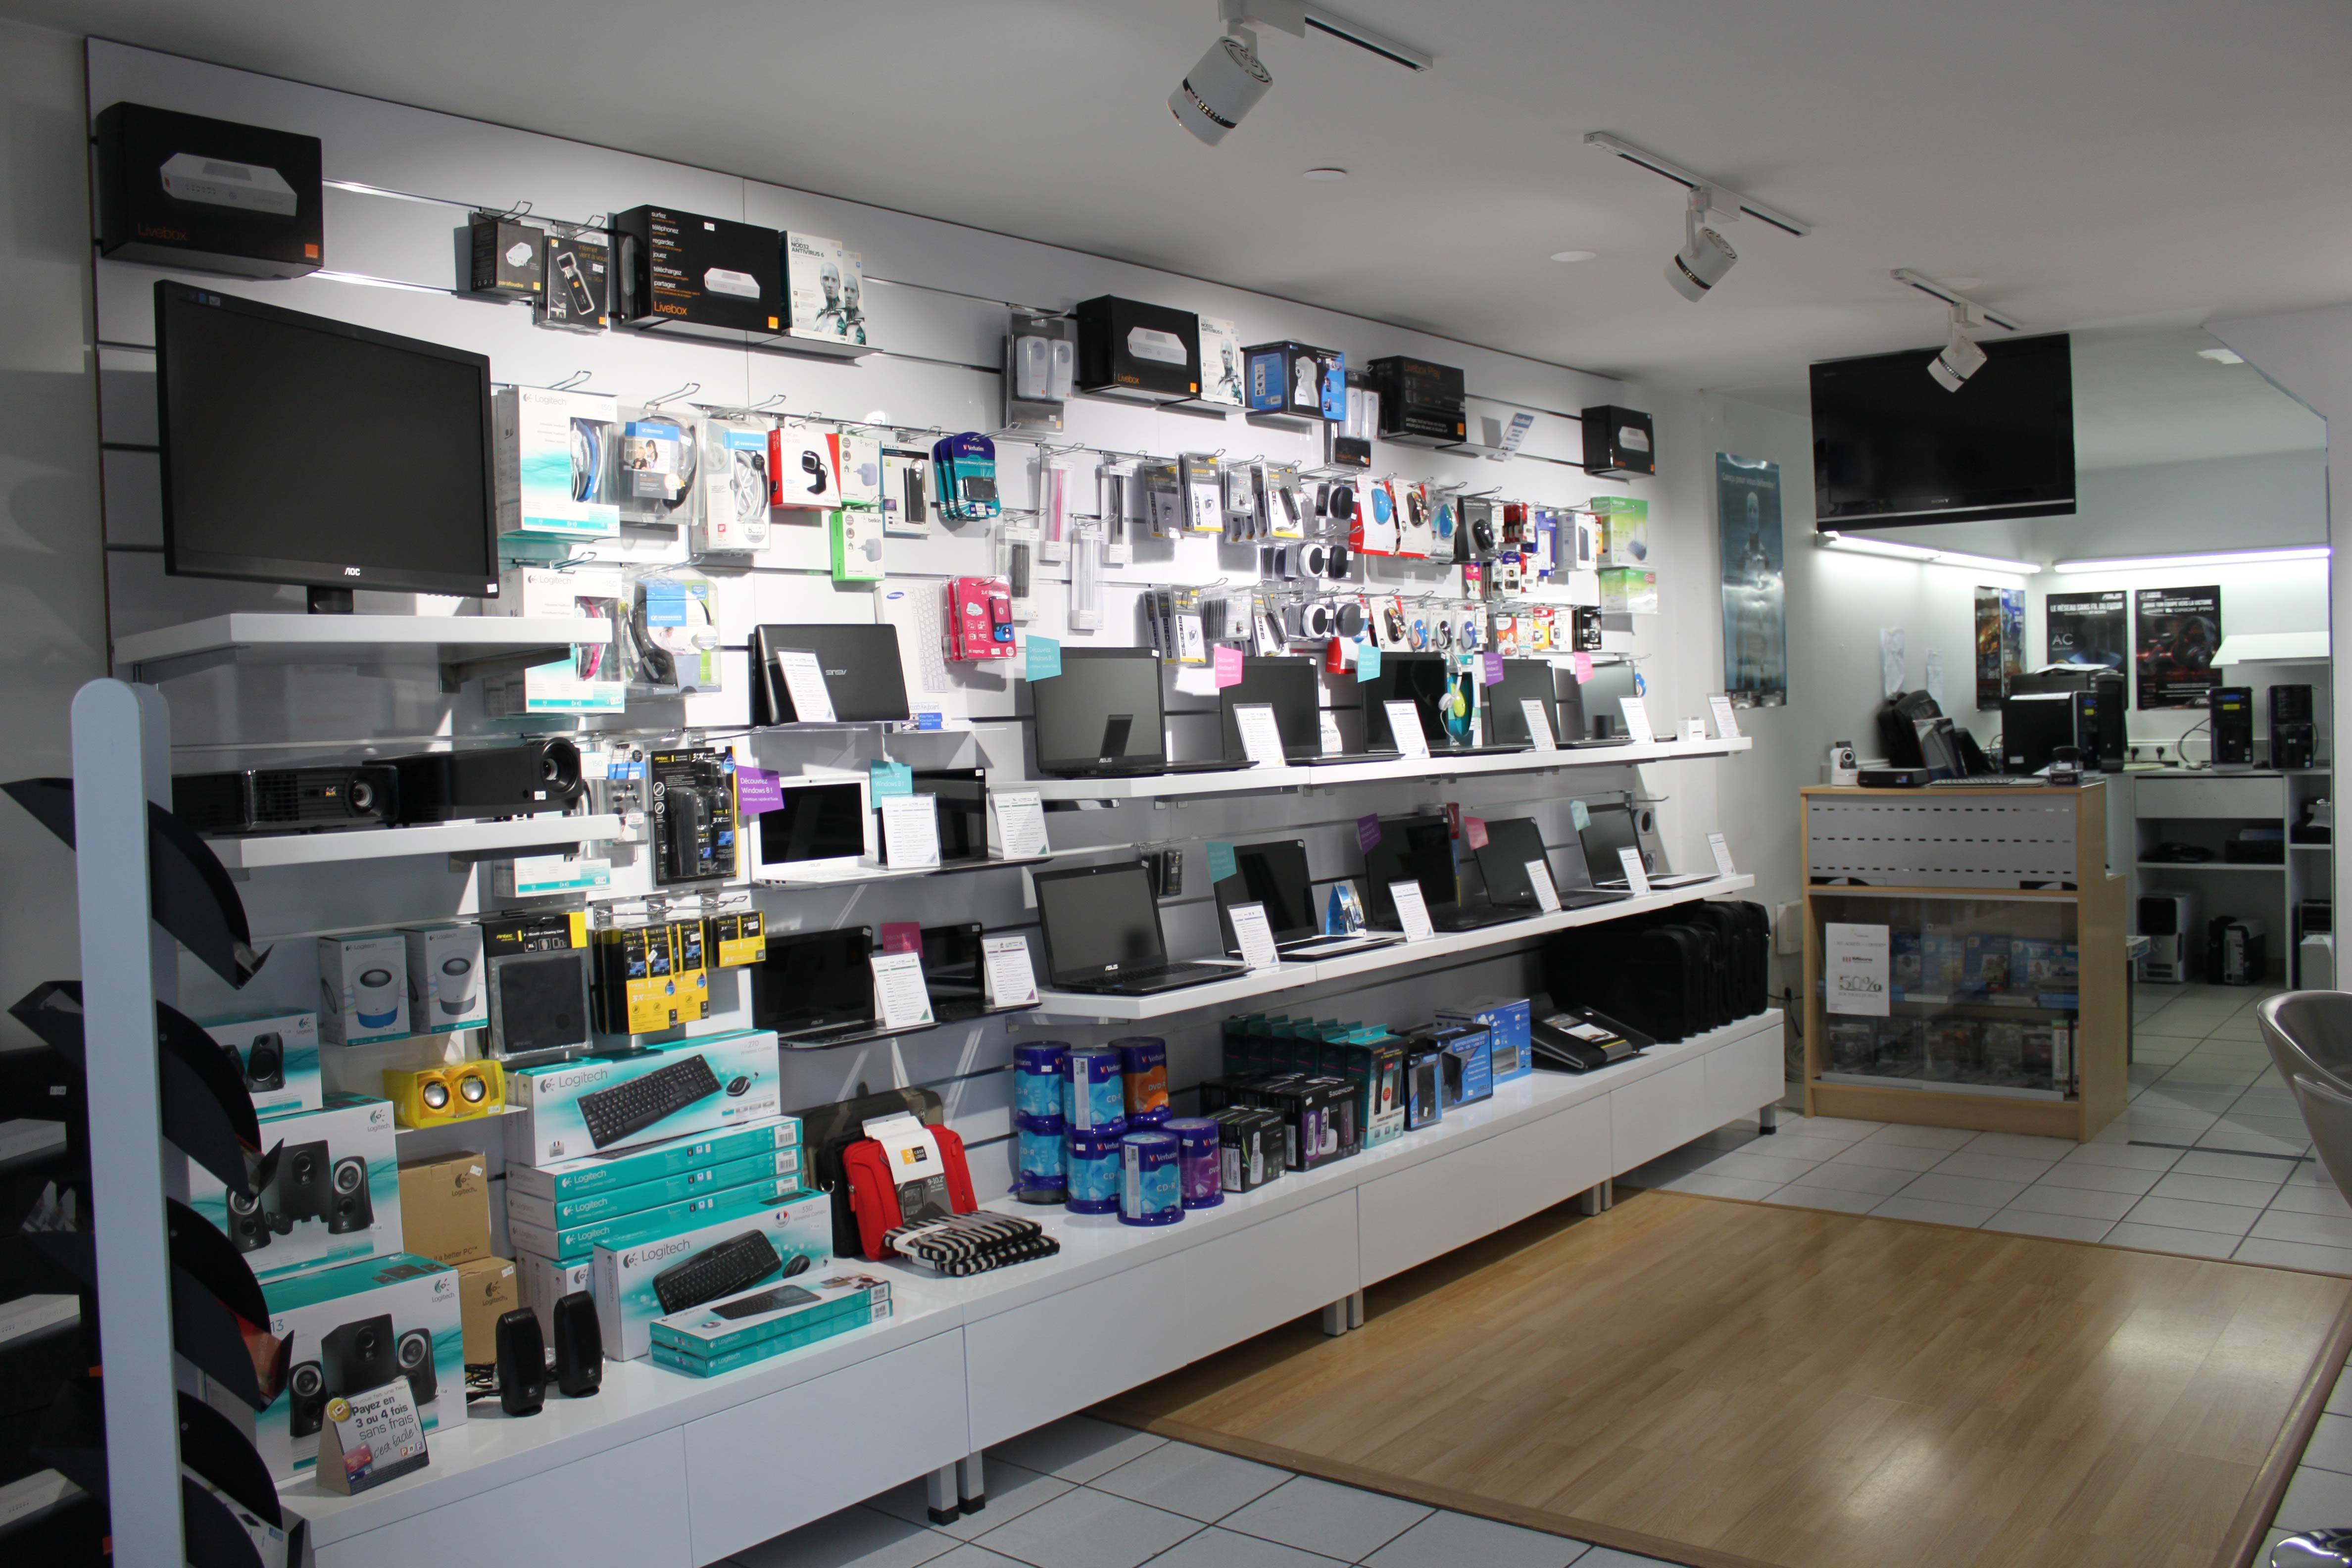 magasin ordinateur france